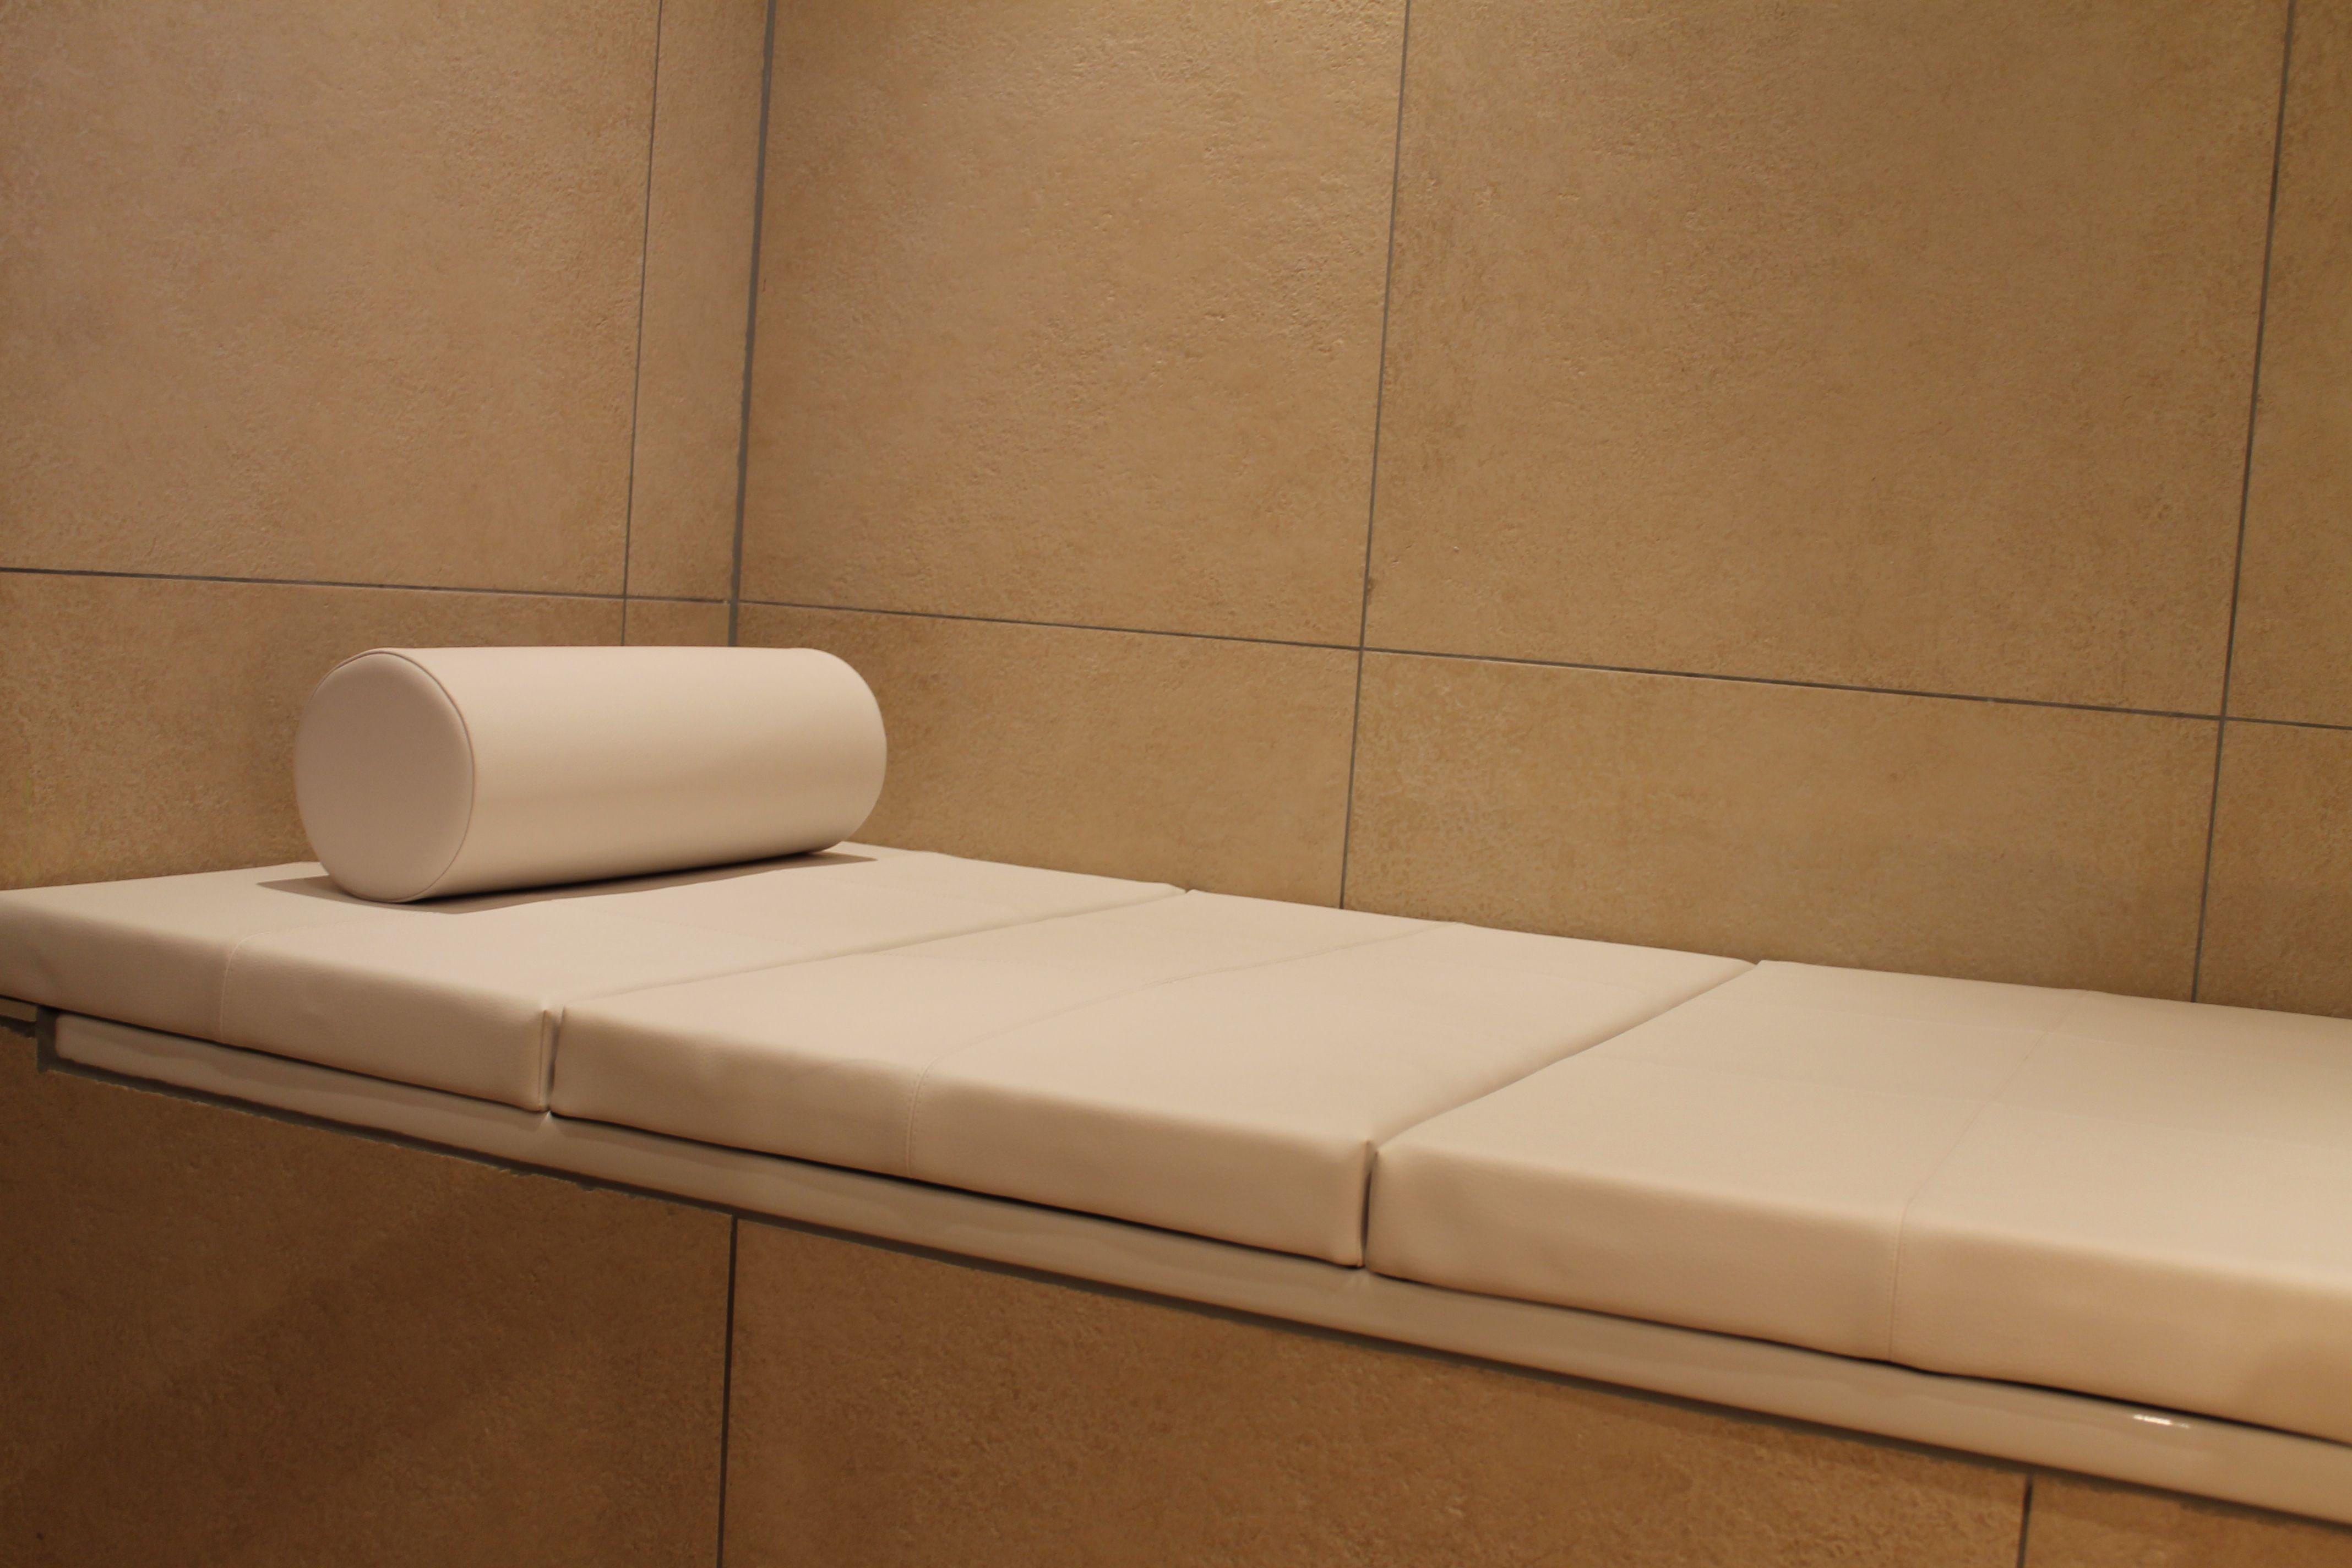 abdeckung f r badewanne auf ma abdeckung f r badewanne pinterest badewannen badezimmer. Black Bedroom Furniture Sets. Home Design Ideas